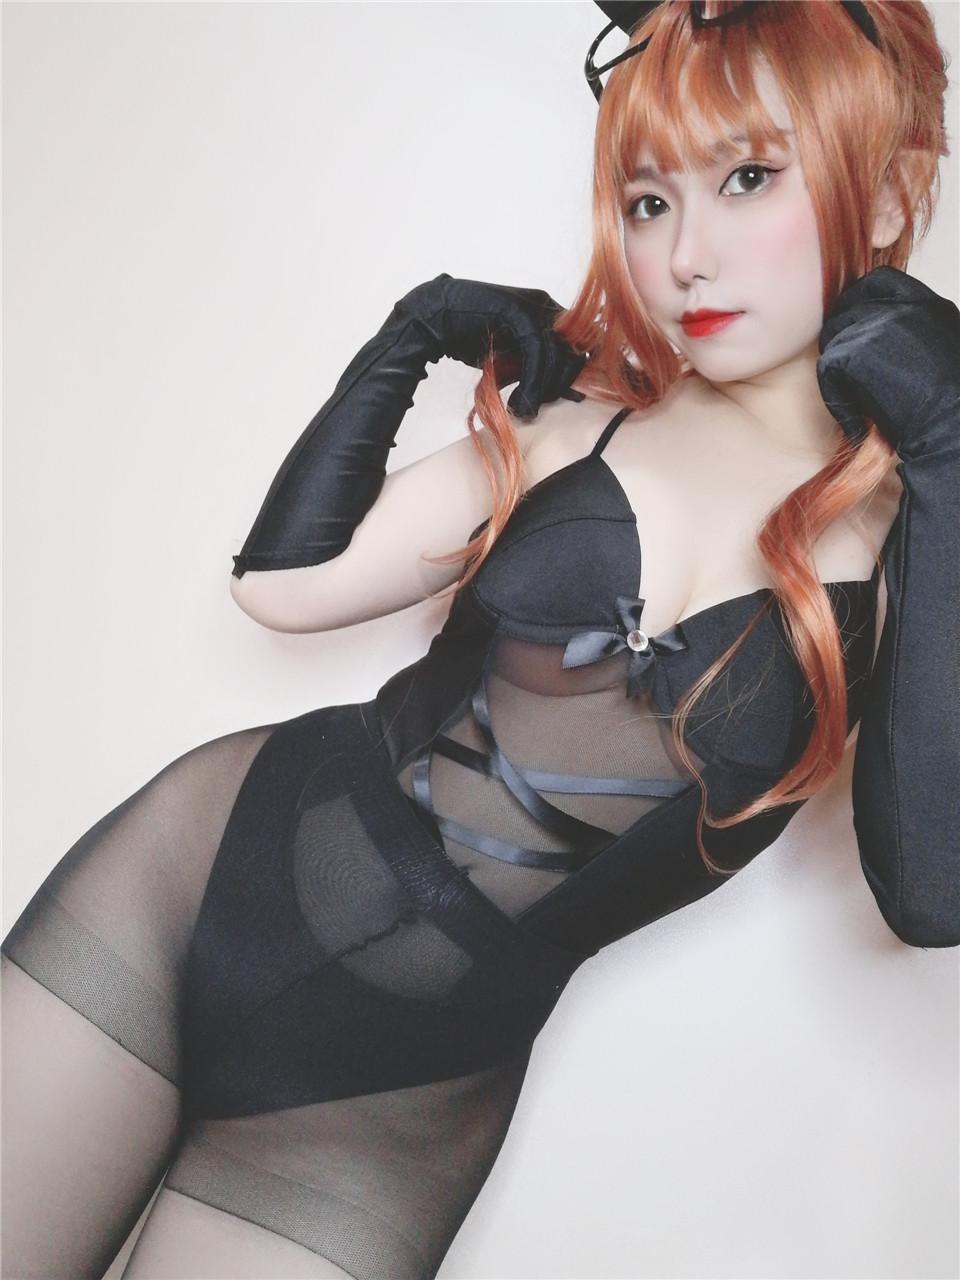 芋圆侑子 NO.002 黑丝女教师